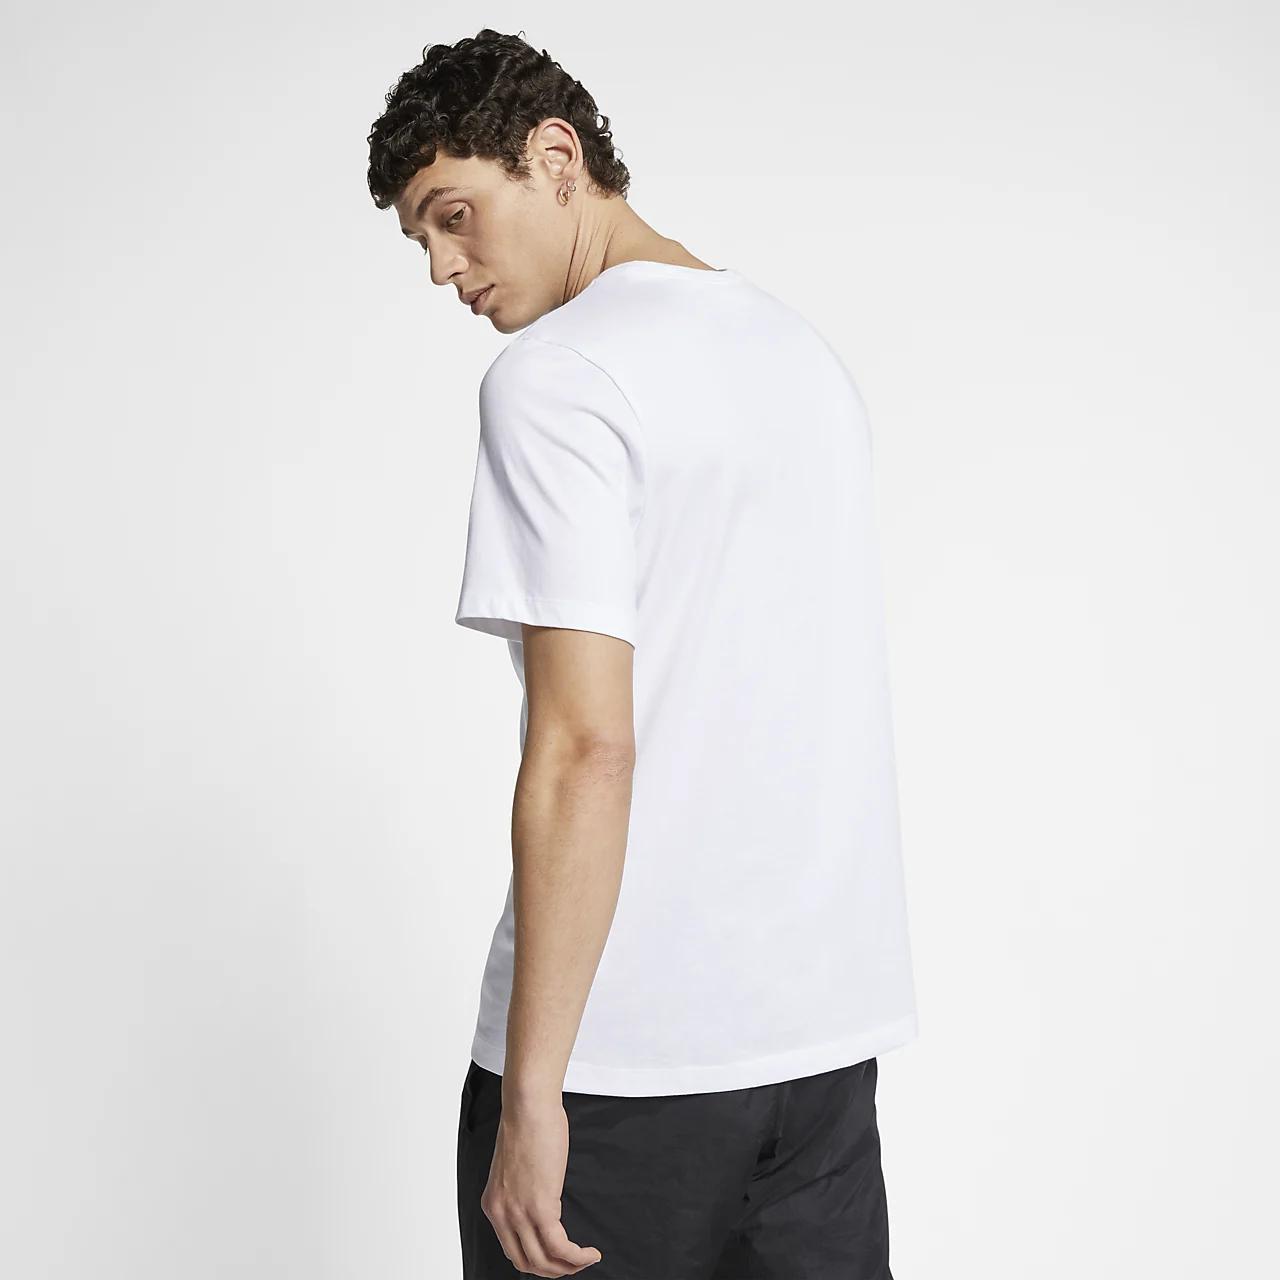 Jordan Legacy AJ4 Woven Labels Men's T-Shirt CI9875-100